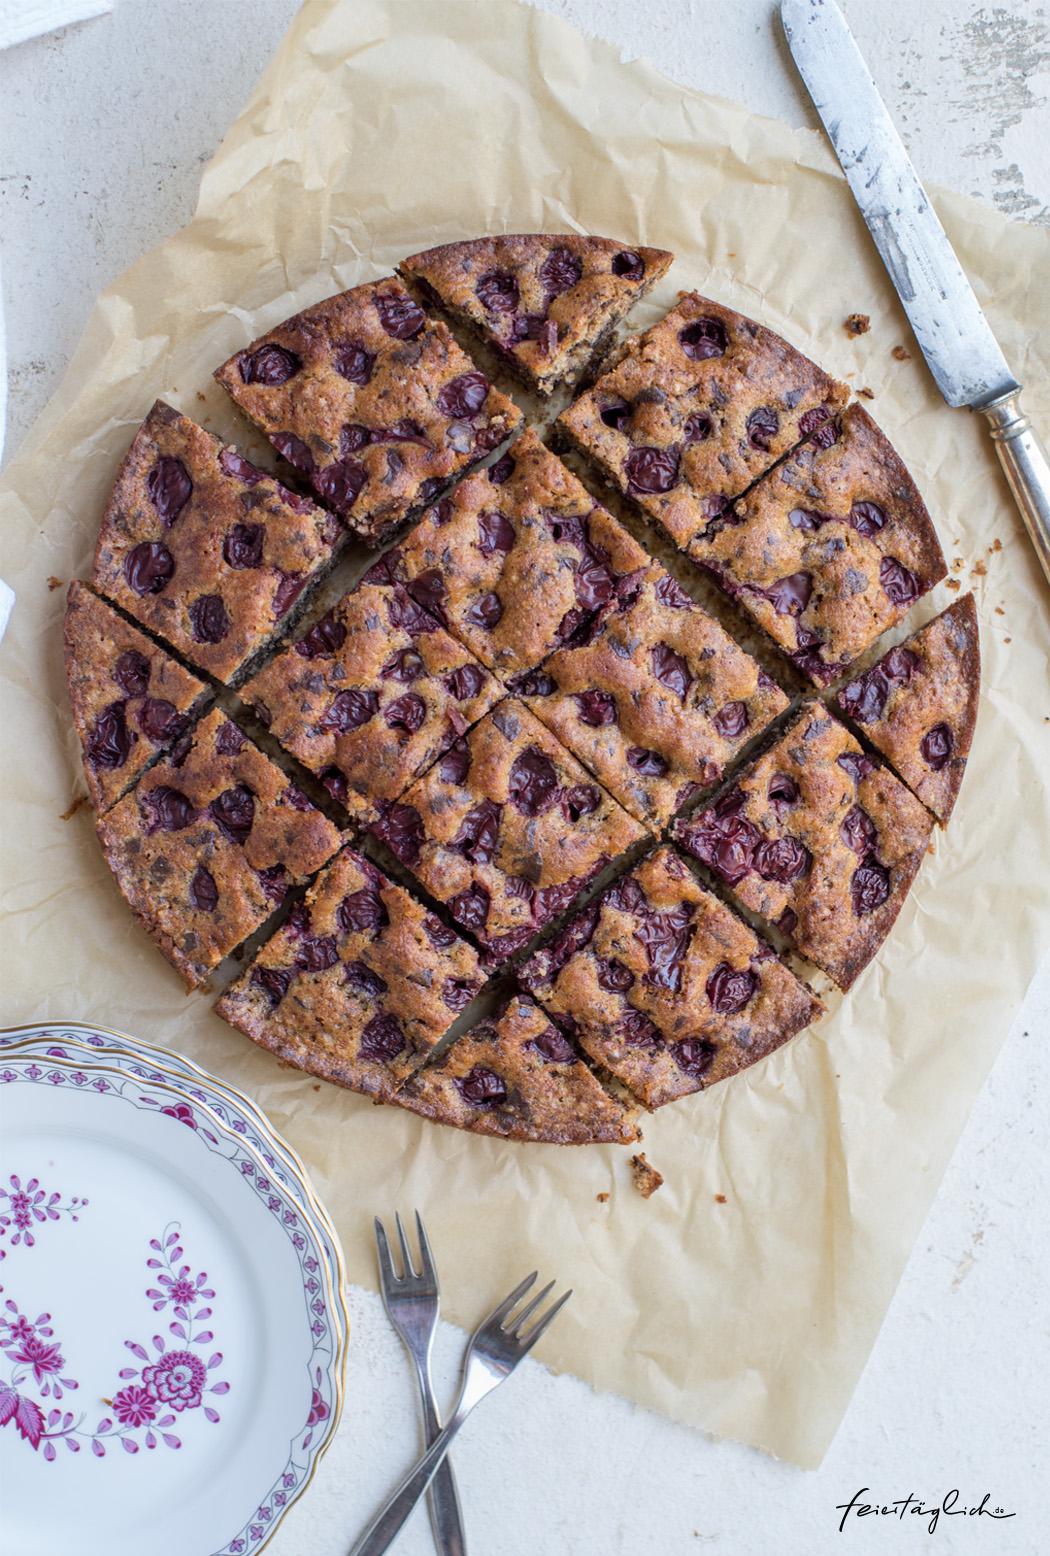 Kirsch-Schoko-Kuchen oder versunkener Kirschkuchen mit Schokoraspeln oder einfach schneller Lieblingskuchen